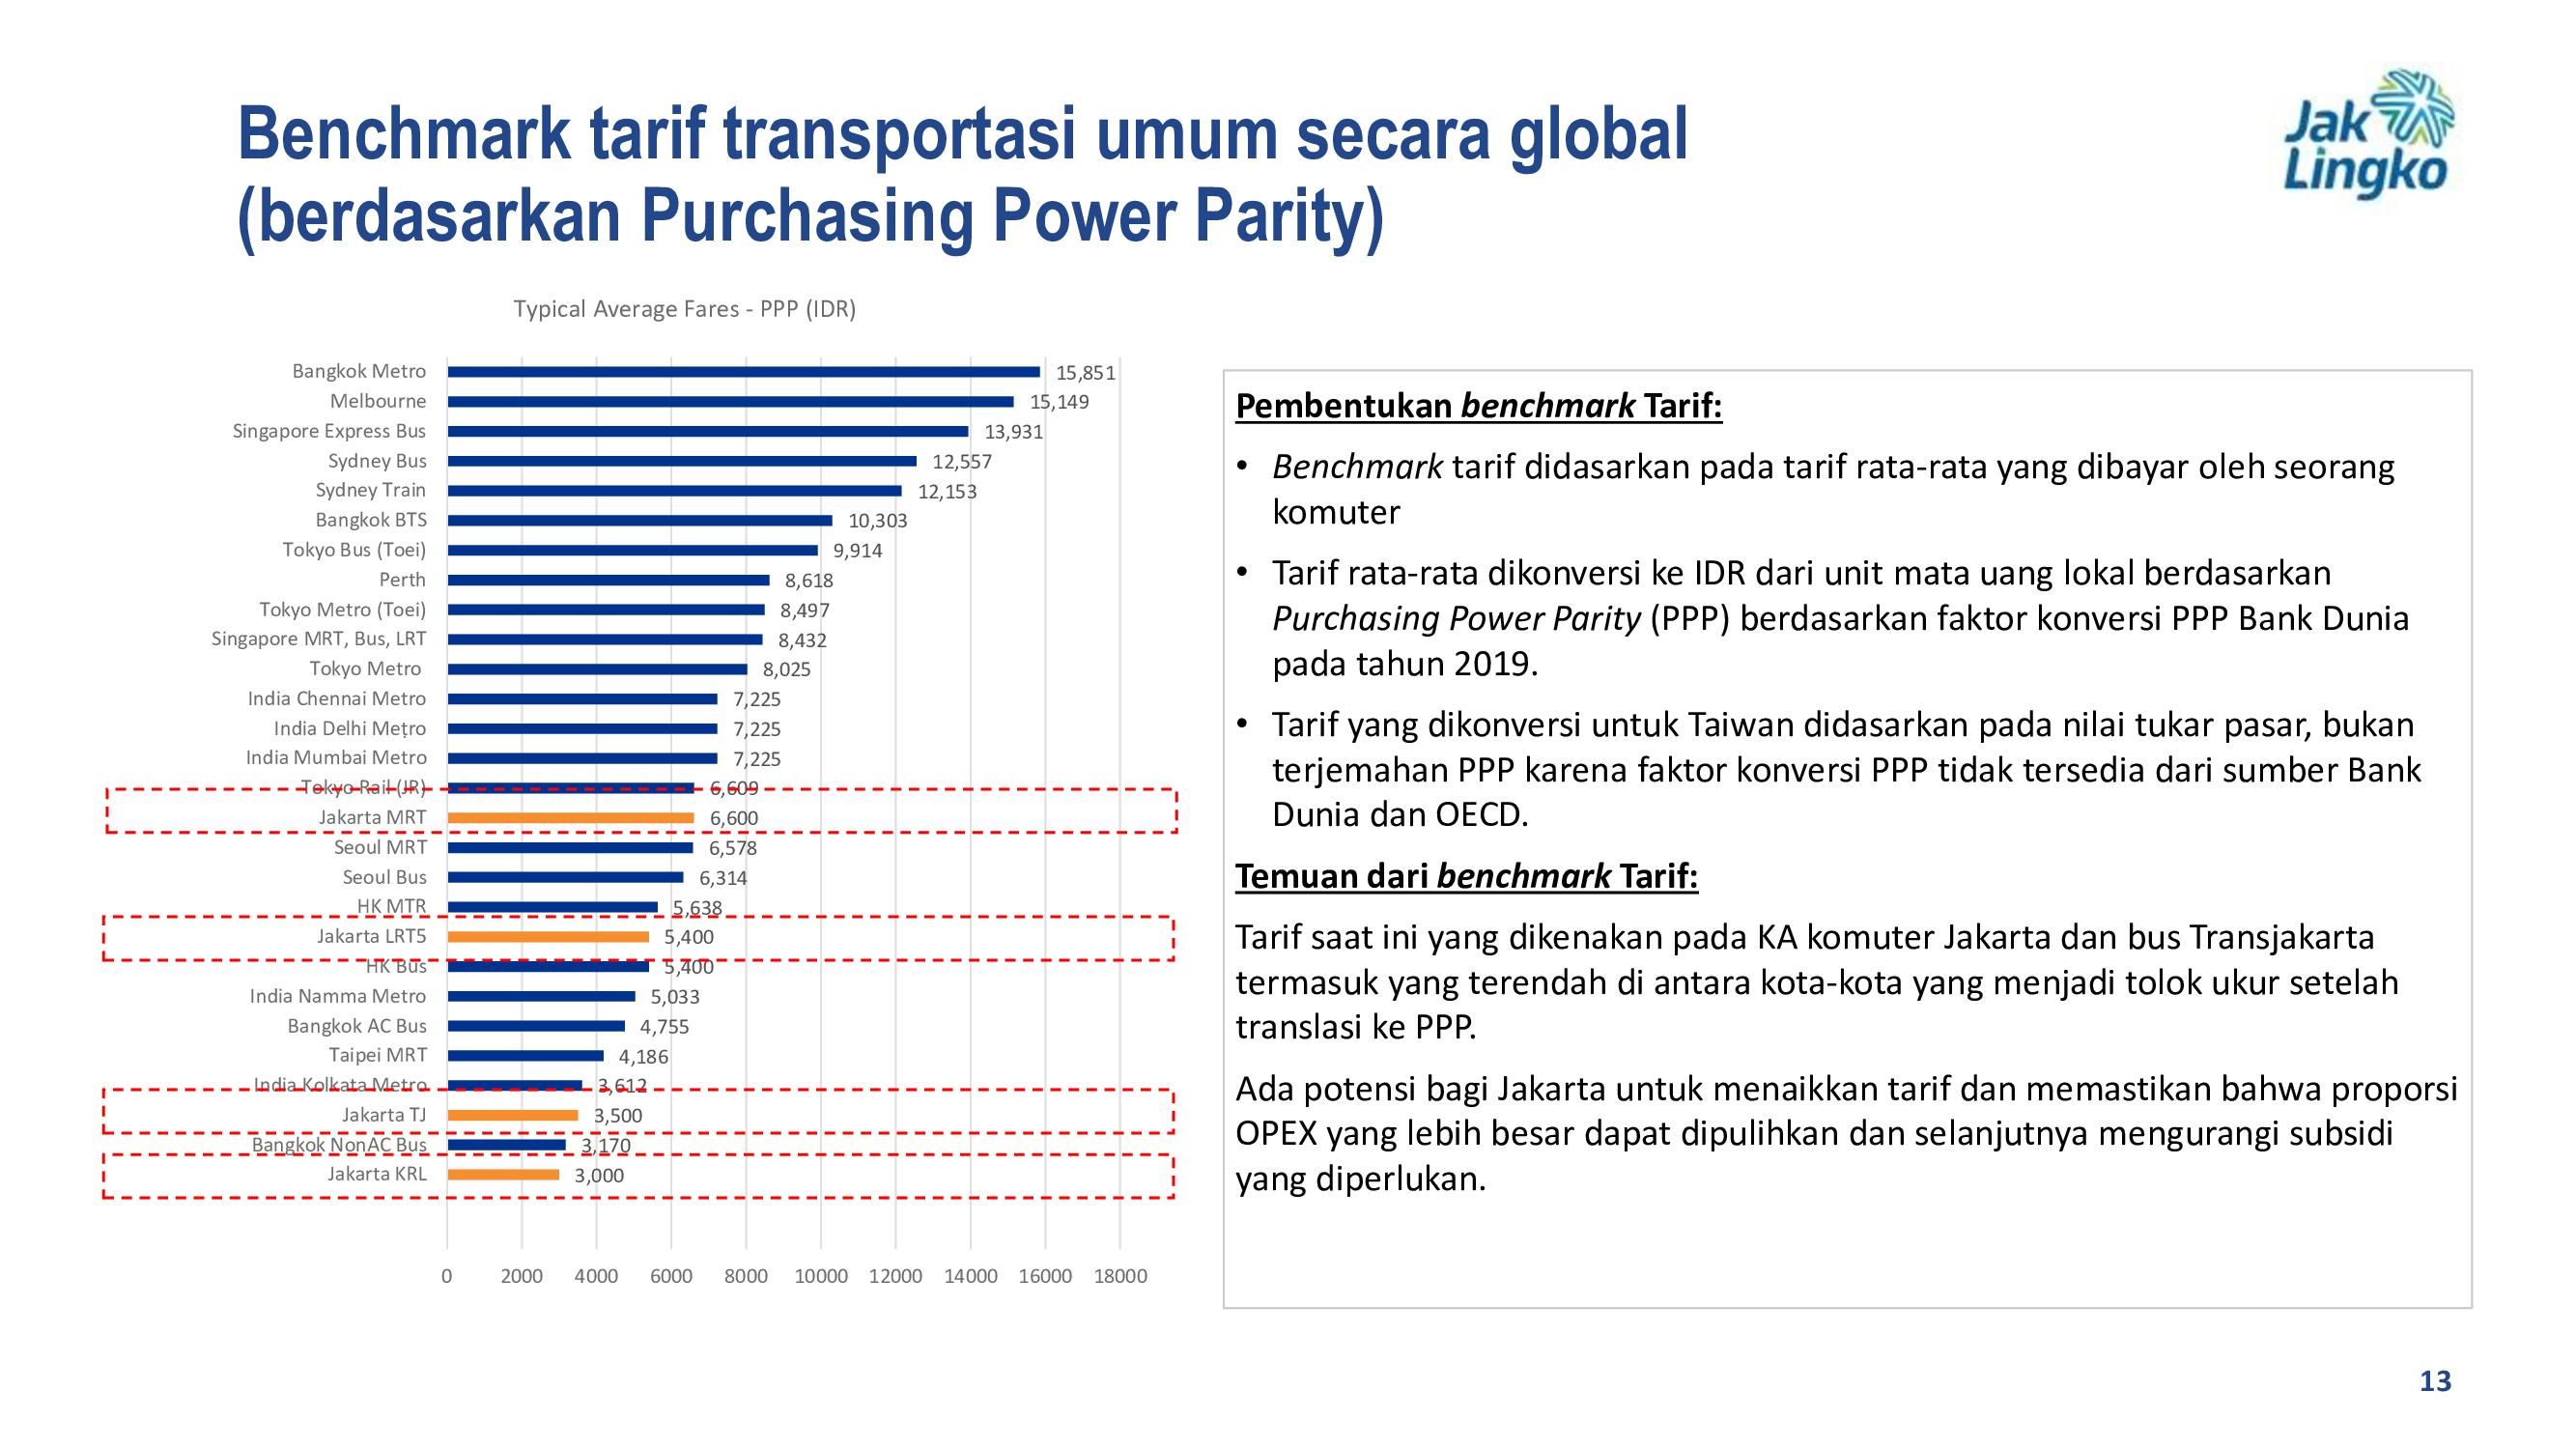 Benchmark tarif transportasi